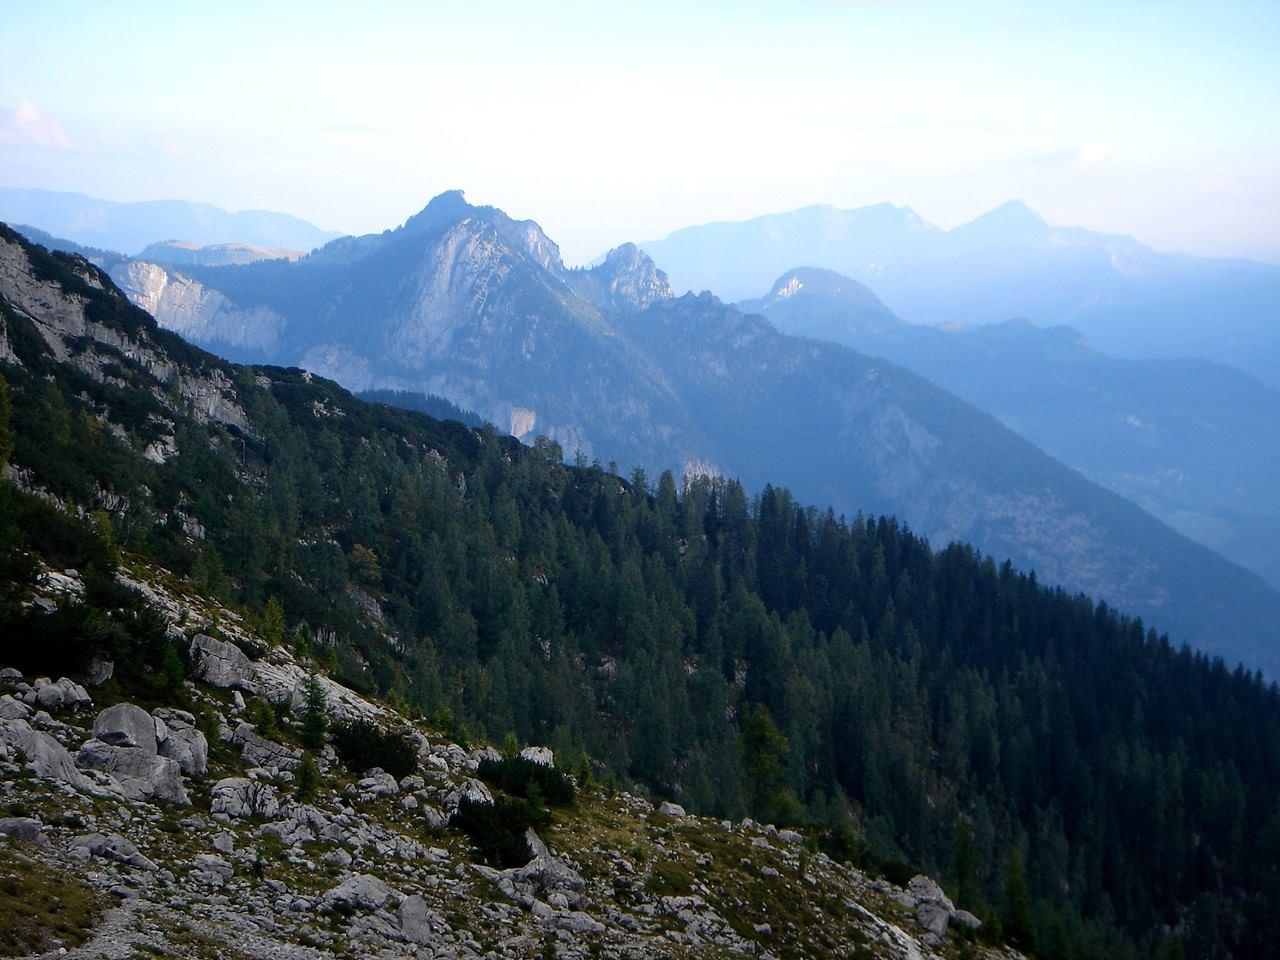 Foto: Manfred Karl / Wander Tour / Großes Ochsenhorn über Schärdinger Steig / Am Schärdinger Steig gegen die Chiemgauer Alpen / 15.06.2007 23:57:03